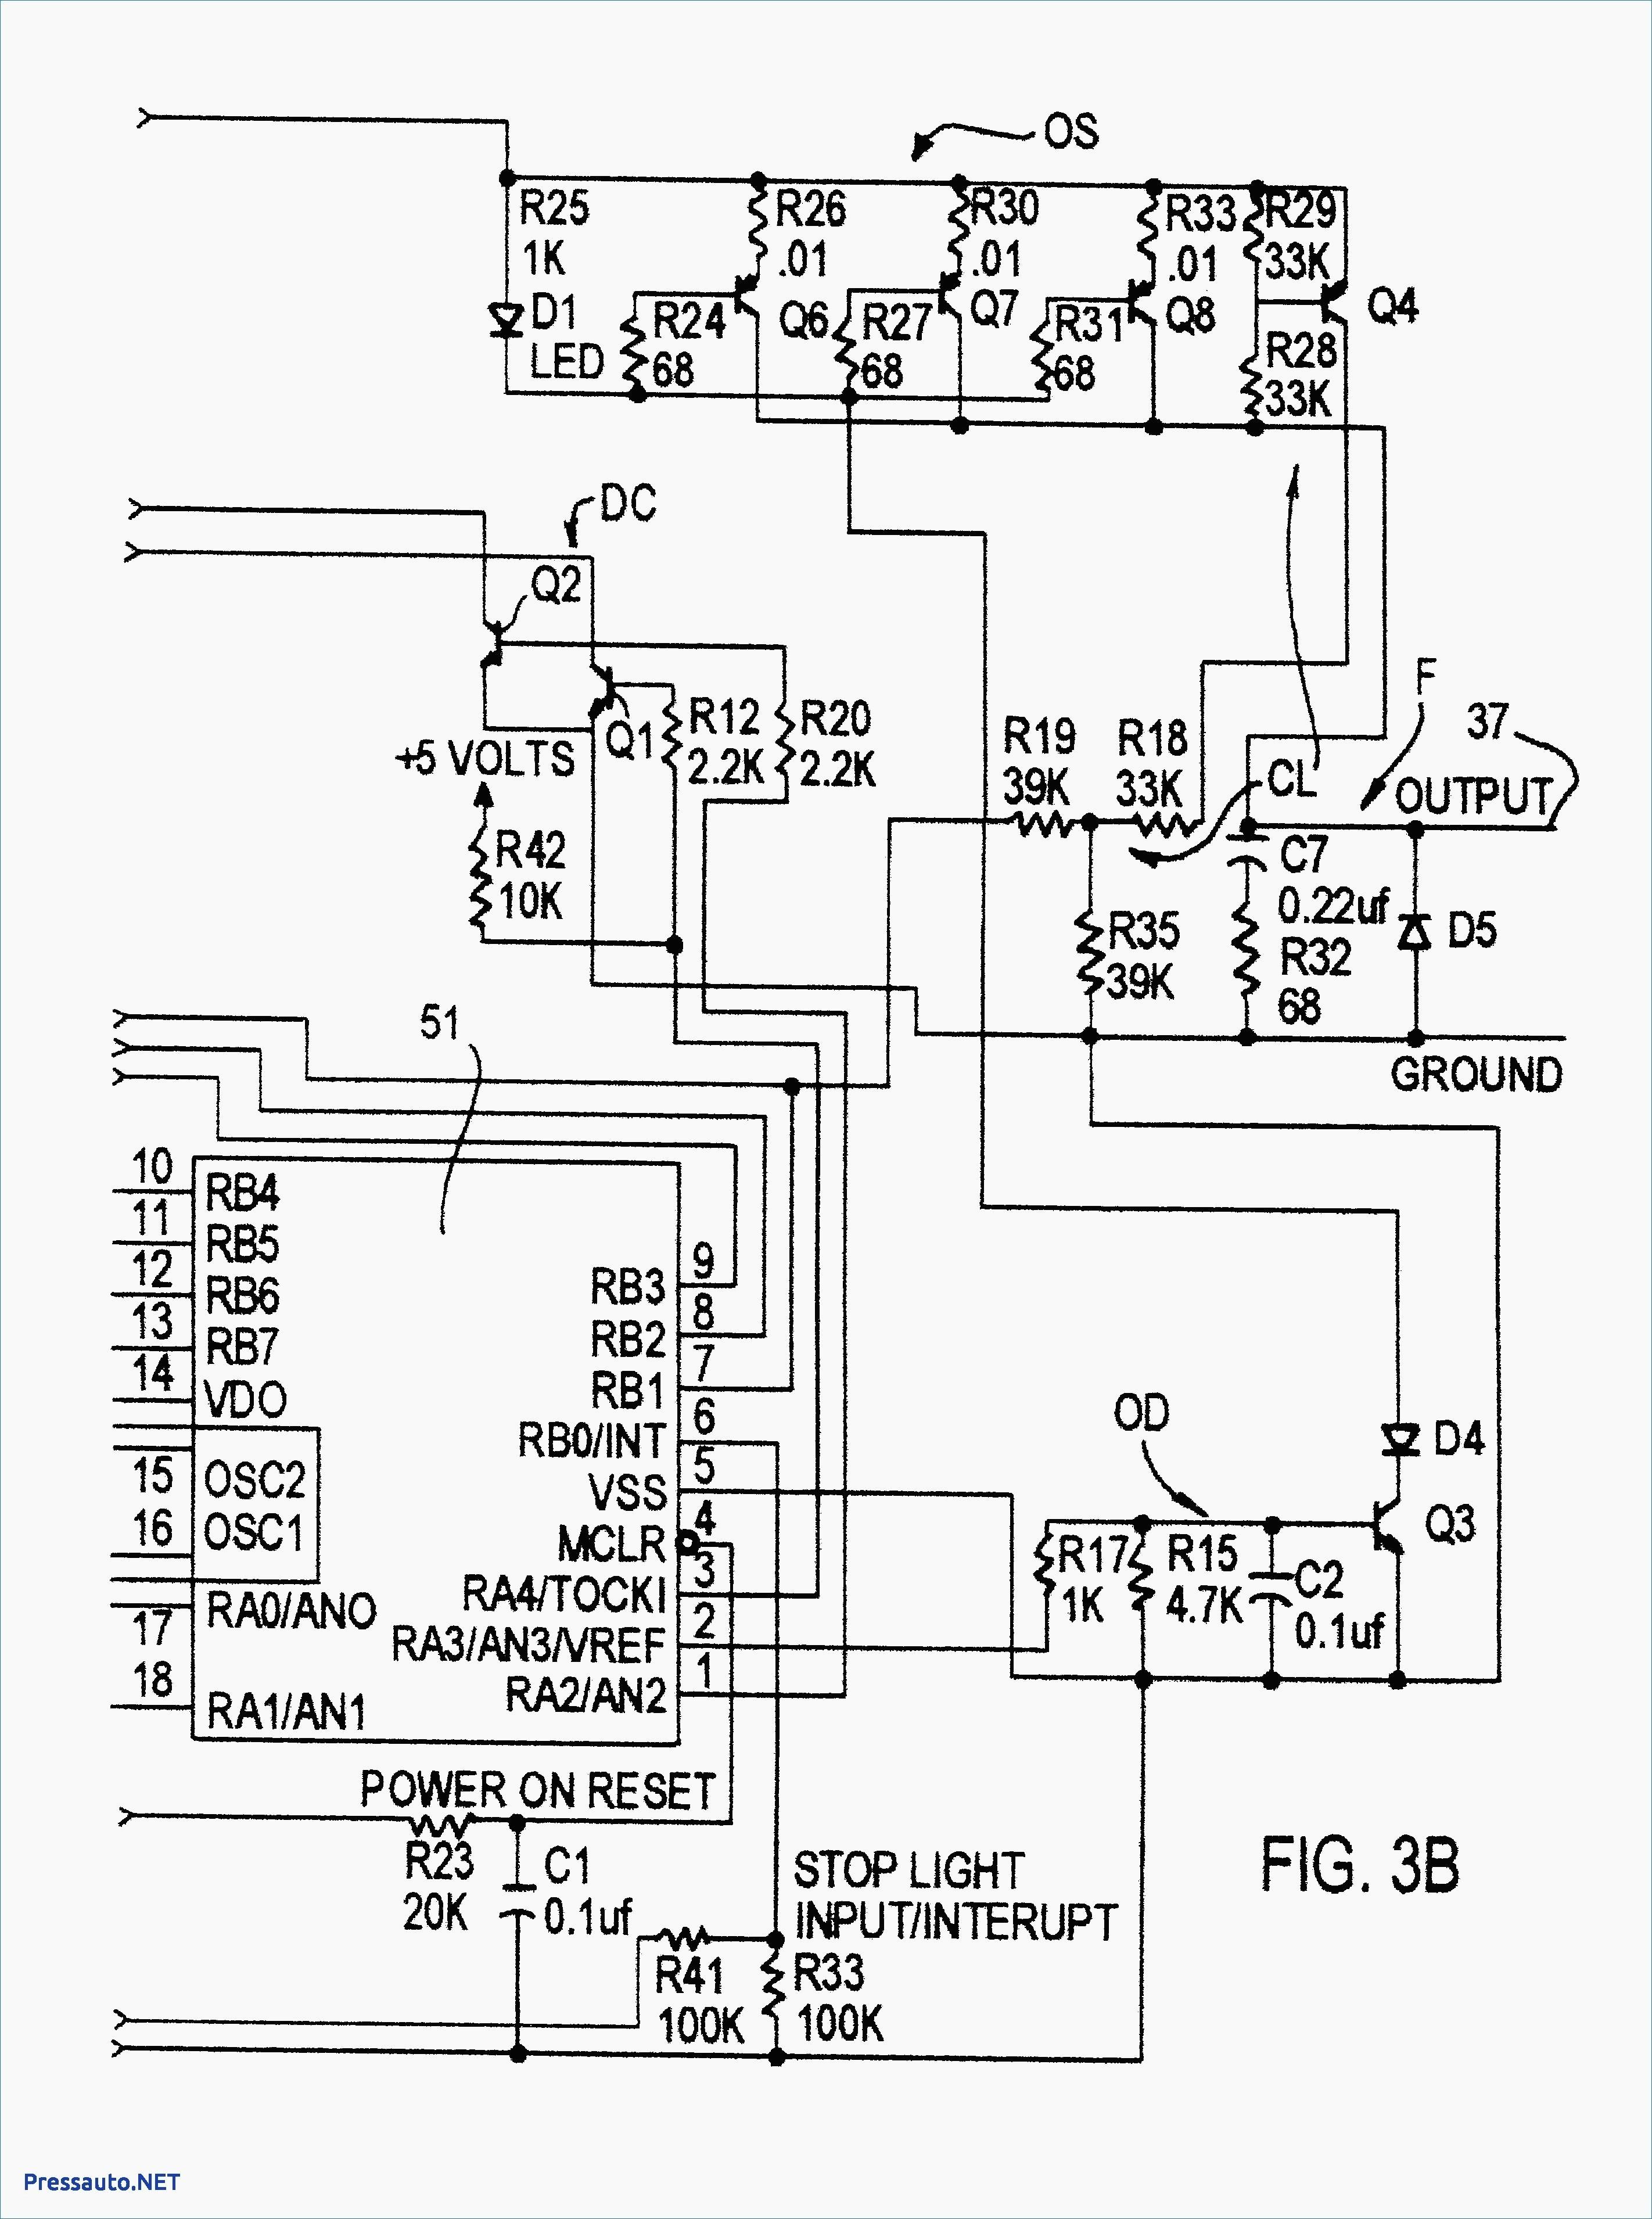 Wiring Diagram For 2002 Mitsubishi Lancer Radio